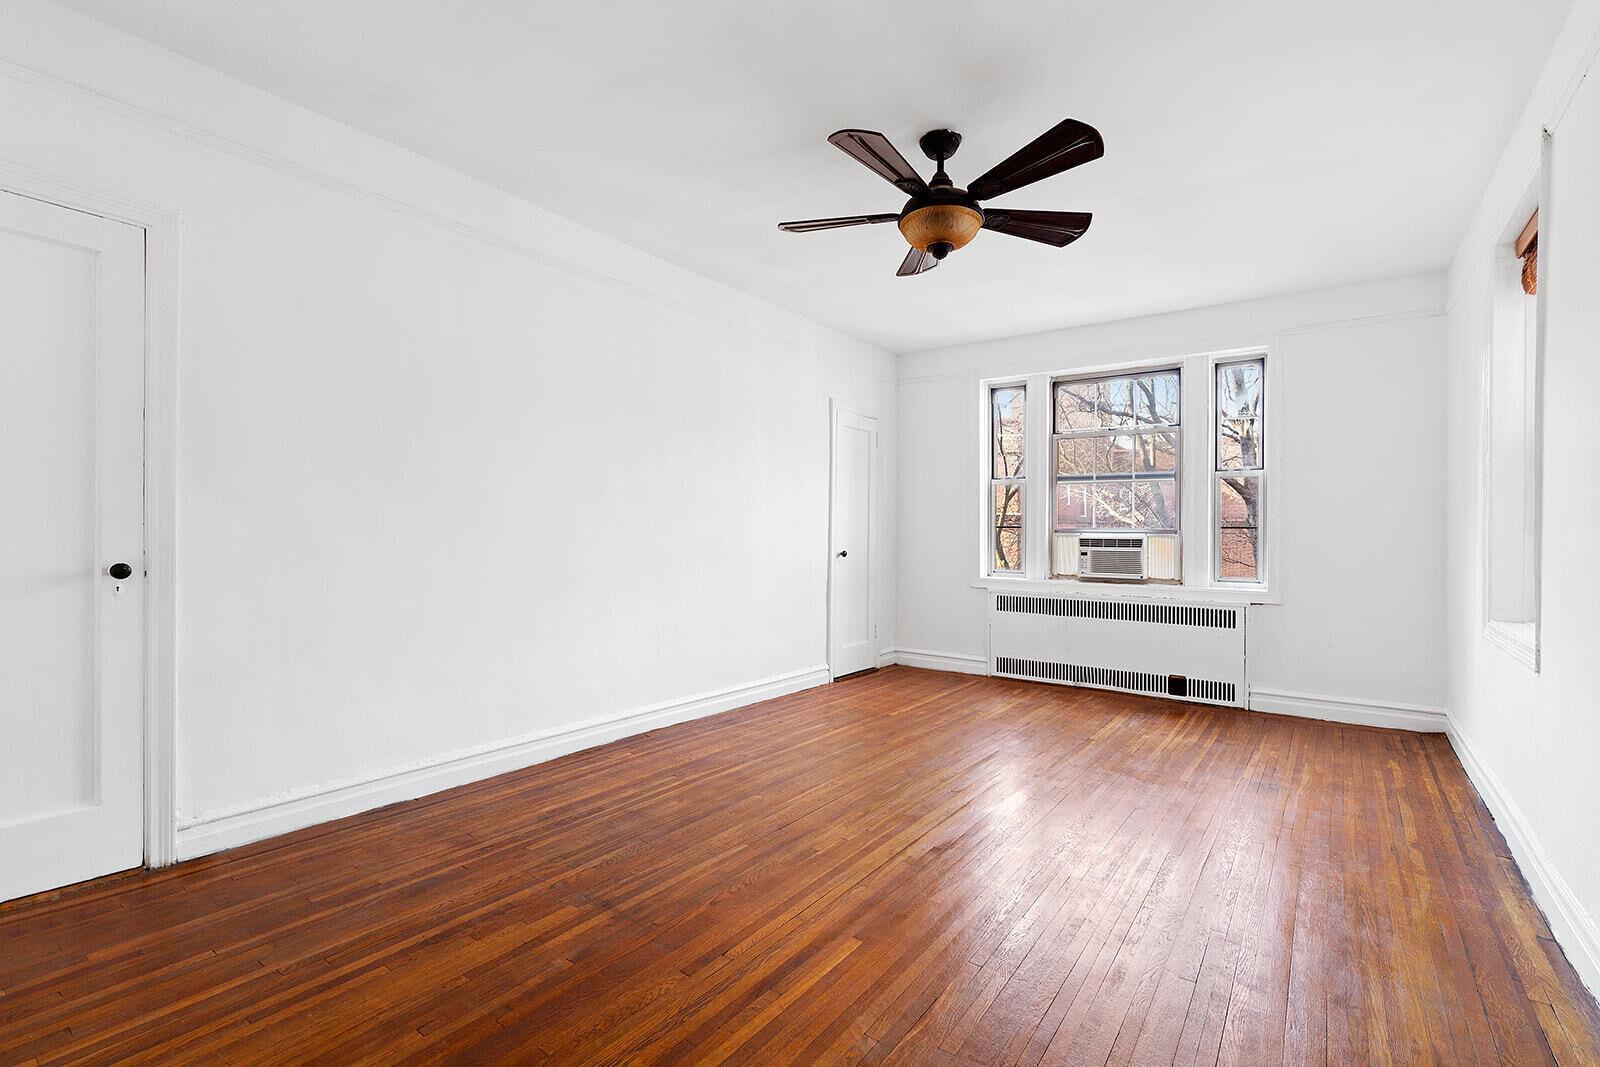 Apartment for sale at 117-01 Park Lane South, Apt D5H